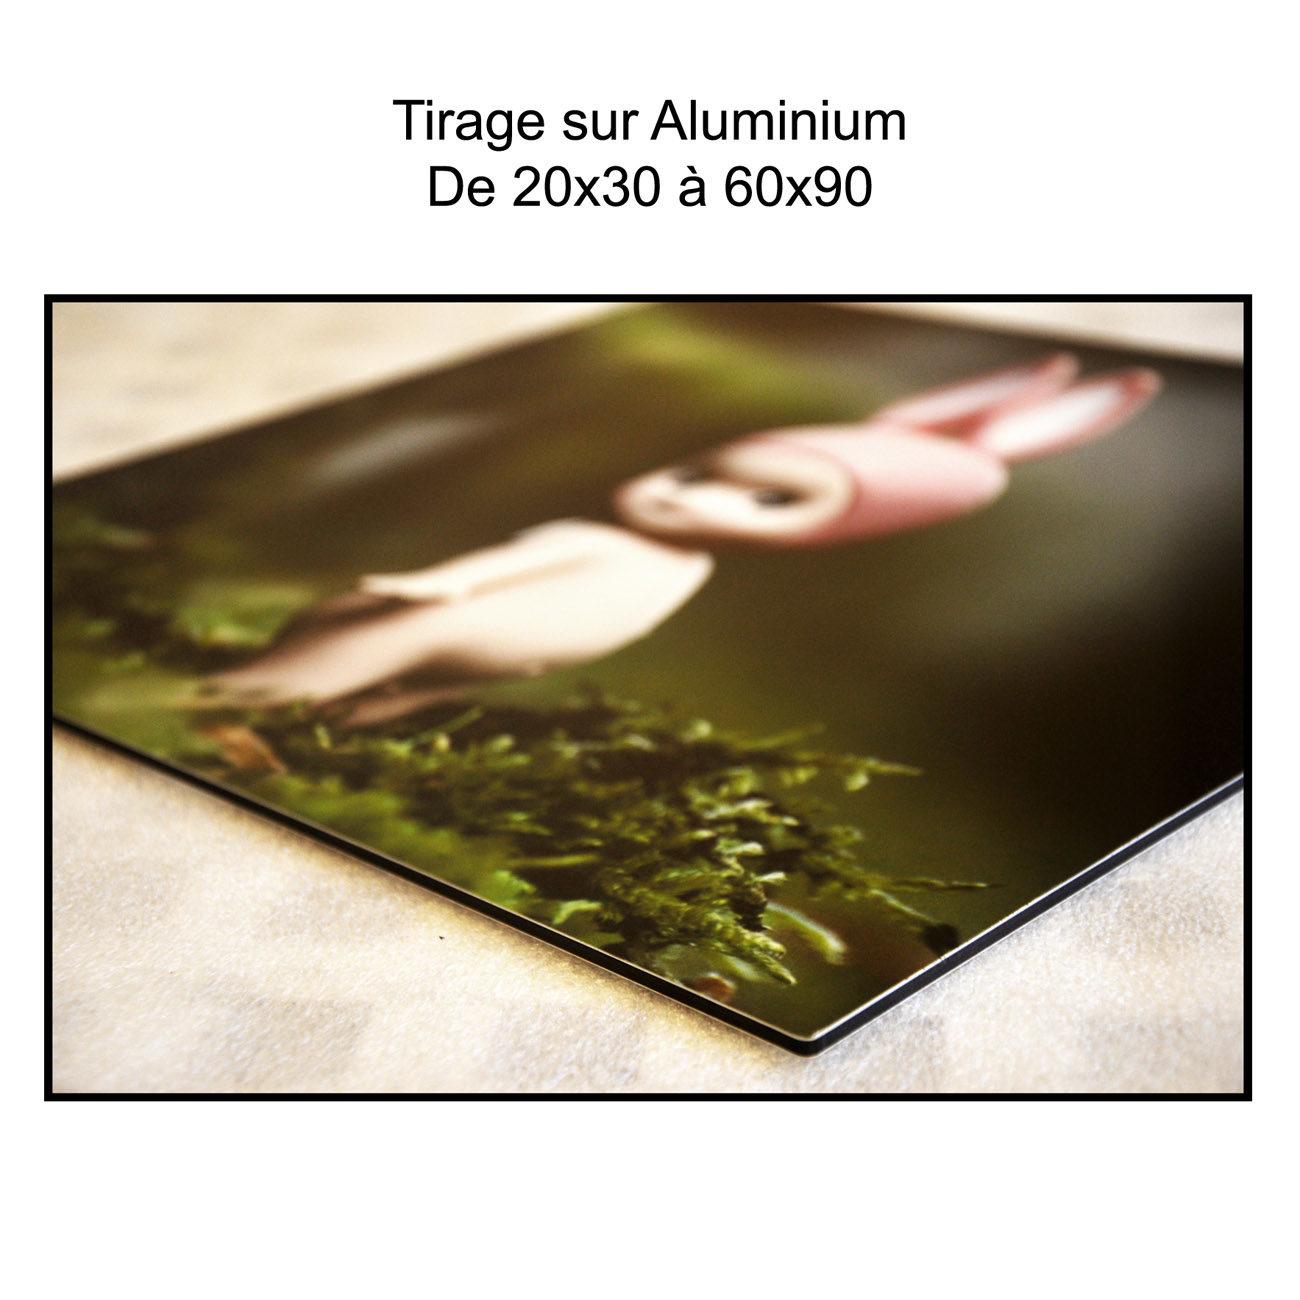 Tirage sur aluminium carre